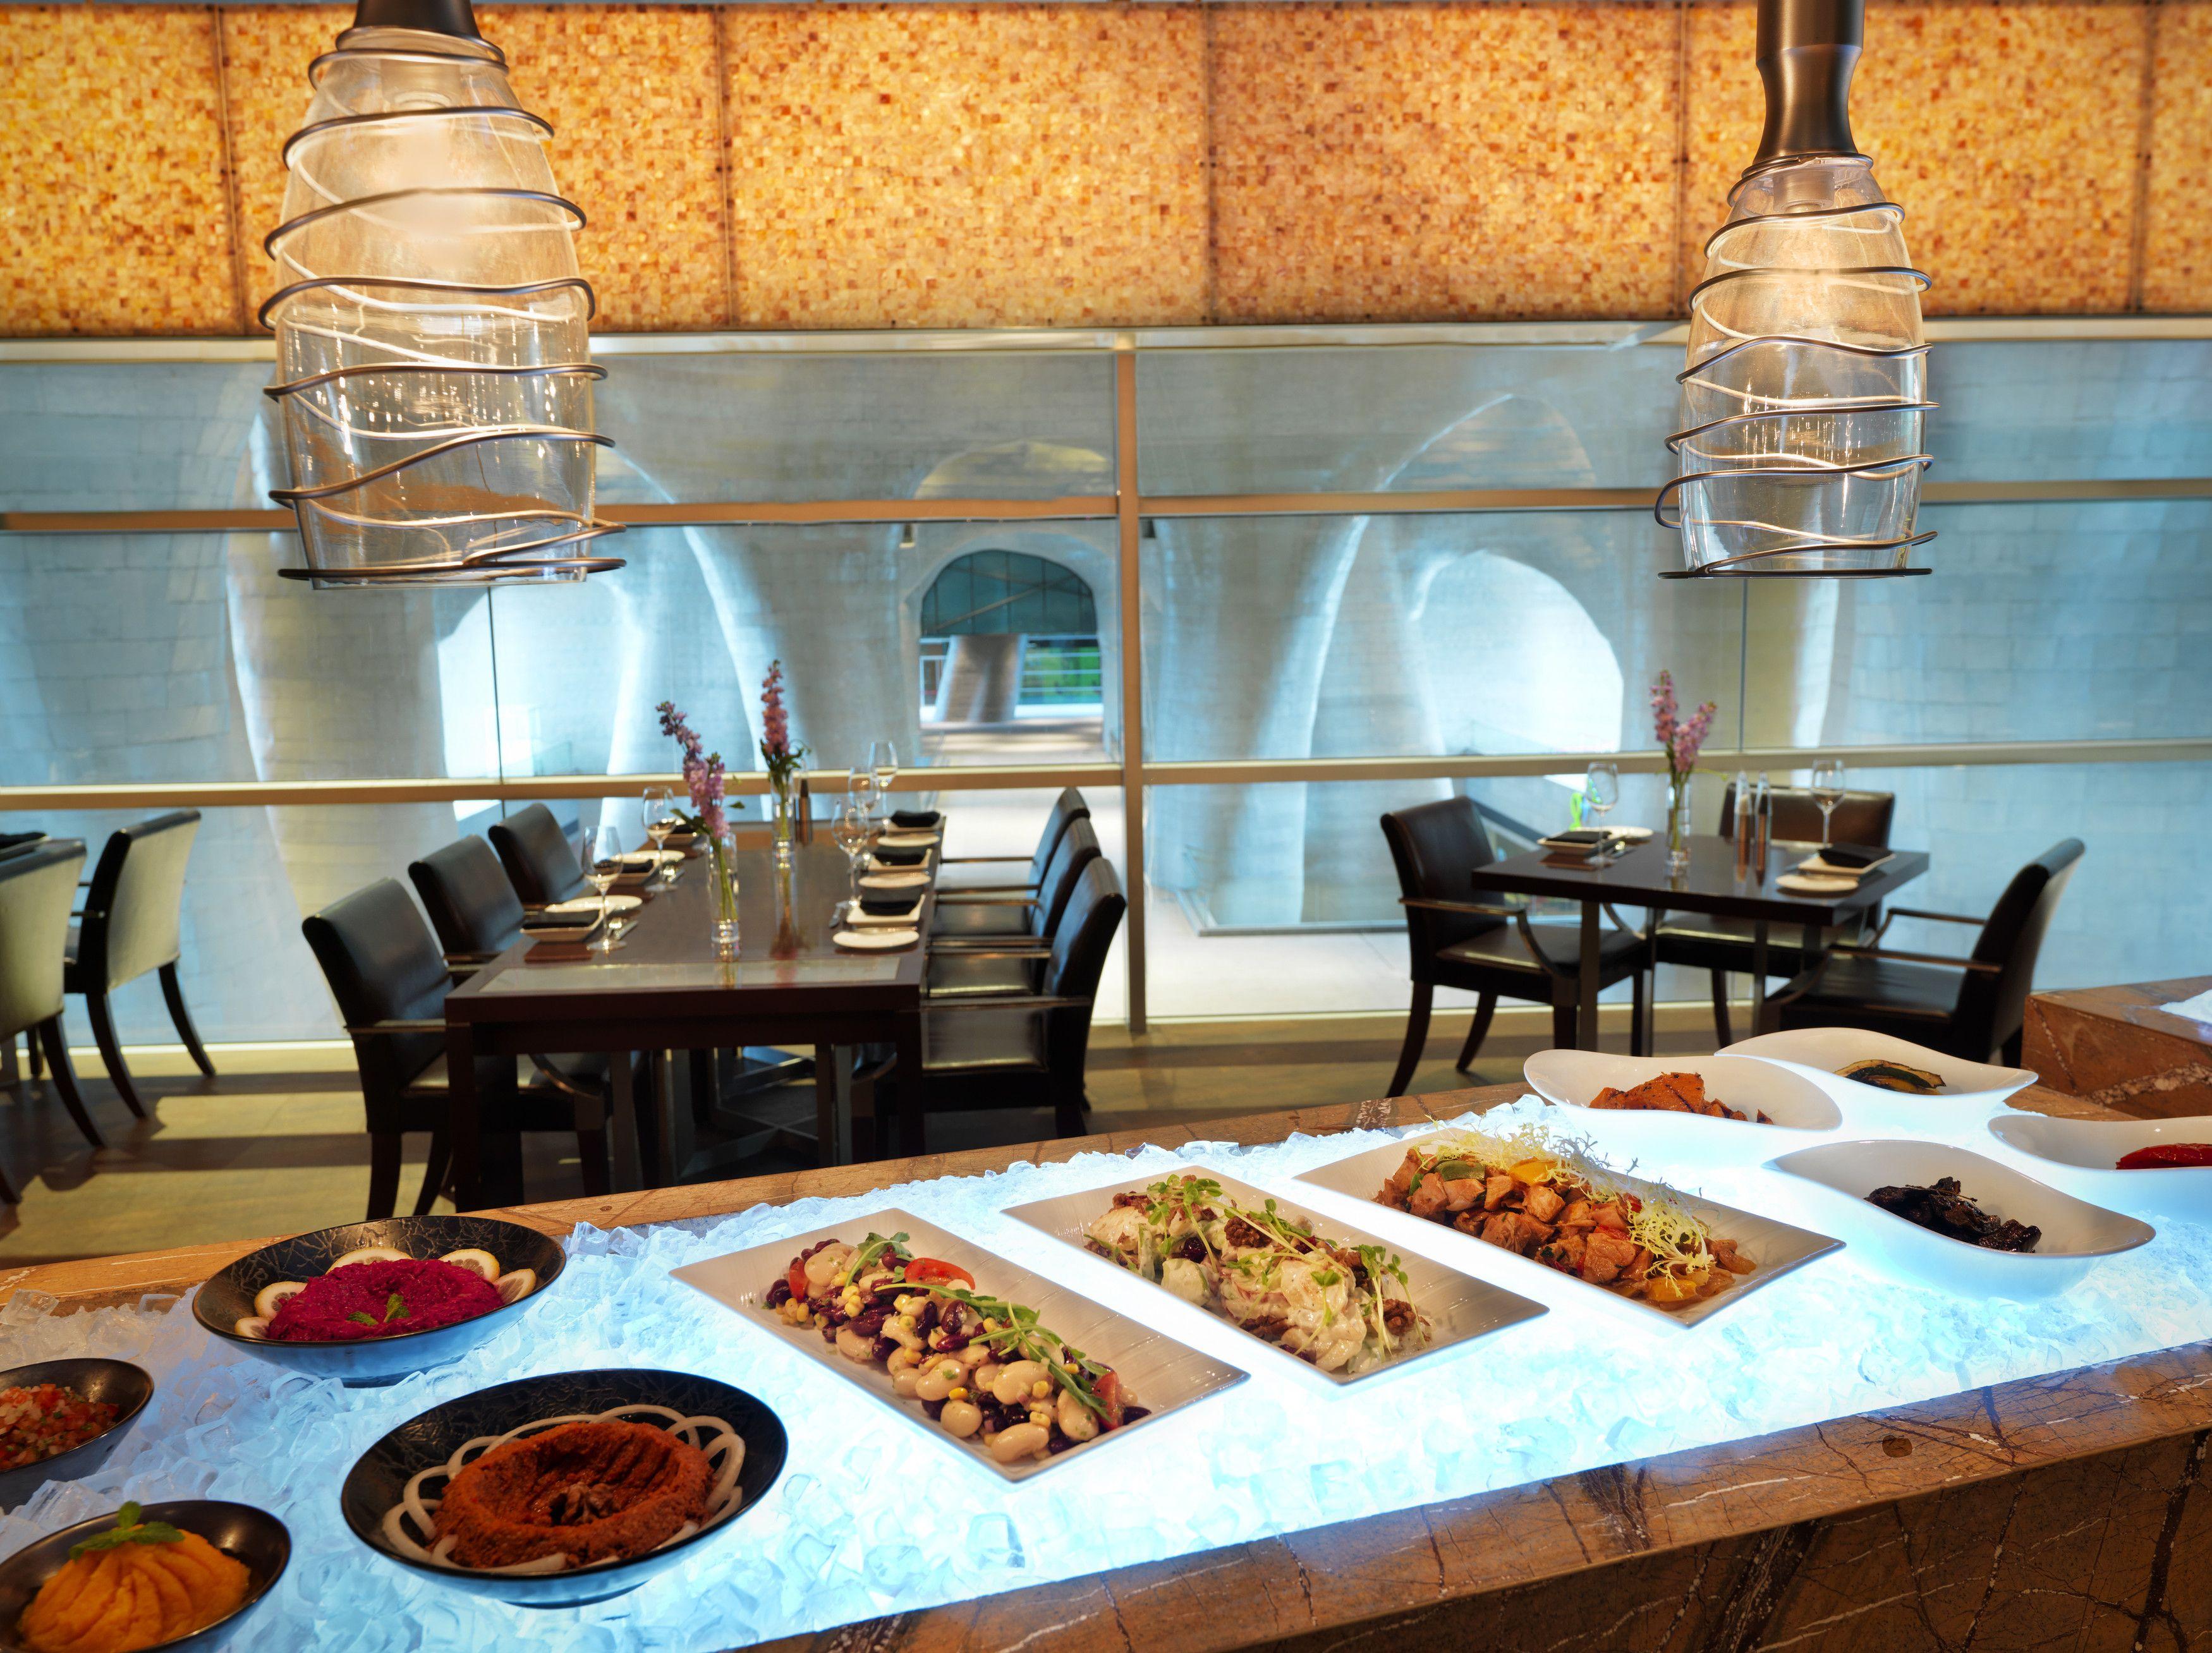 eb0dd54f371a6d0999ae391a6dfce918 Incroyable De Table Bar Cuisine Conception